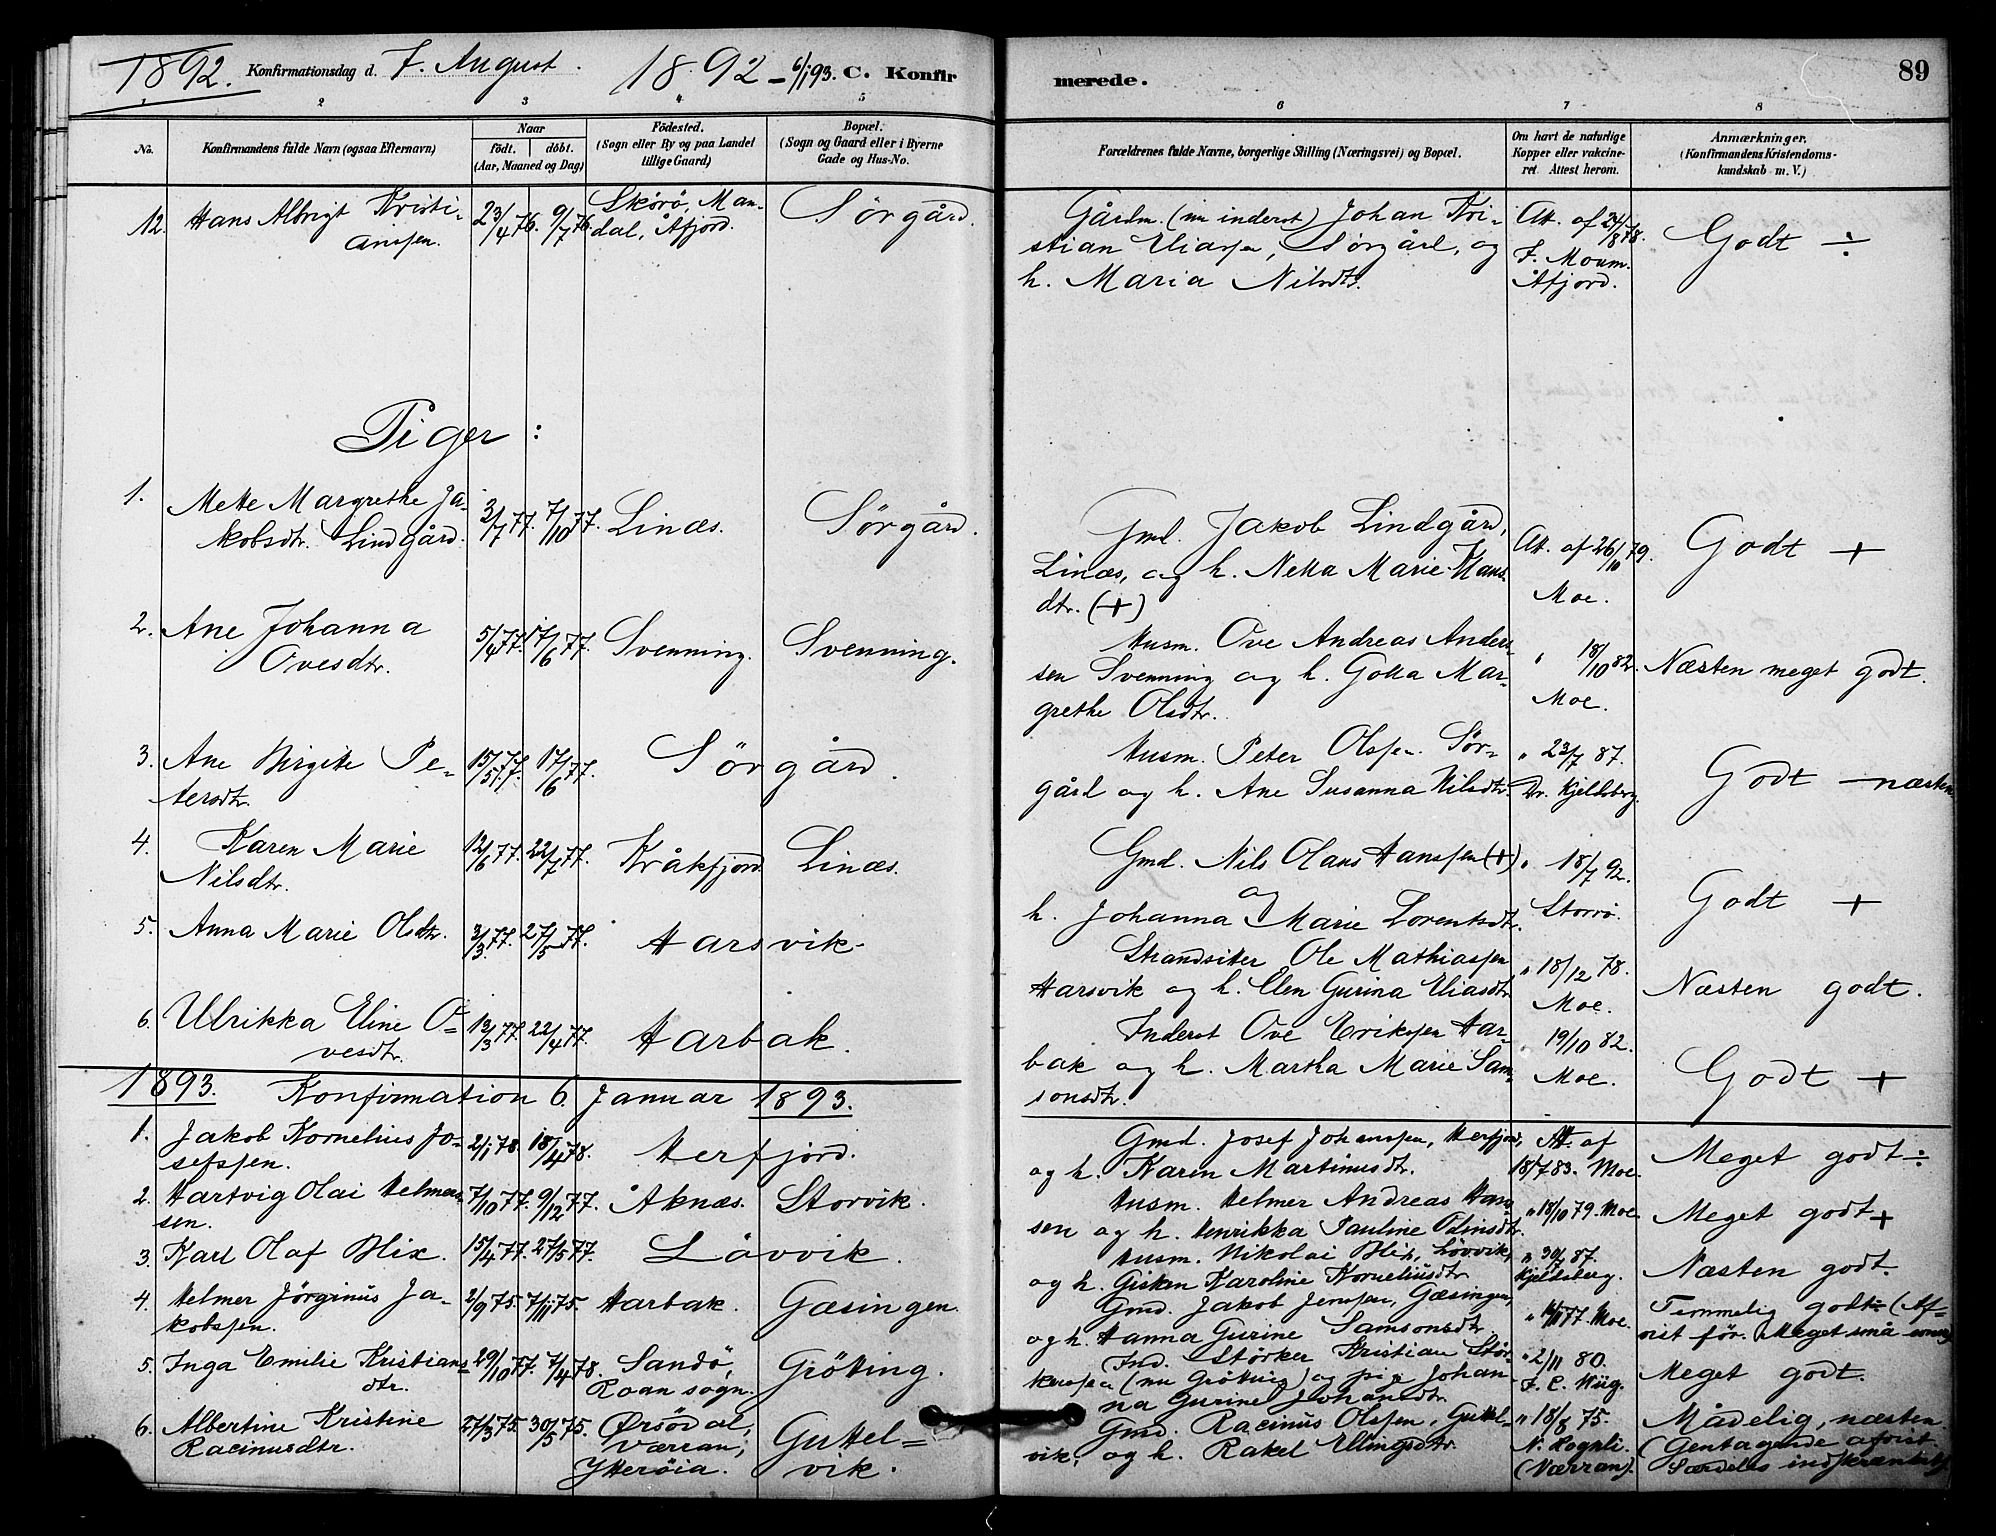 SAT, Ministerialprotokoller, klokkerbøker og fødselsregistre - Sør-Trøndelag, 656/L0692: Ministerialbok nr. 656A01, 1879-1893, s. 89